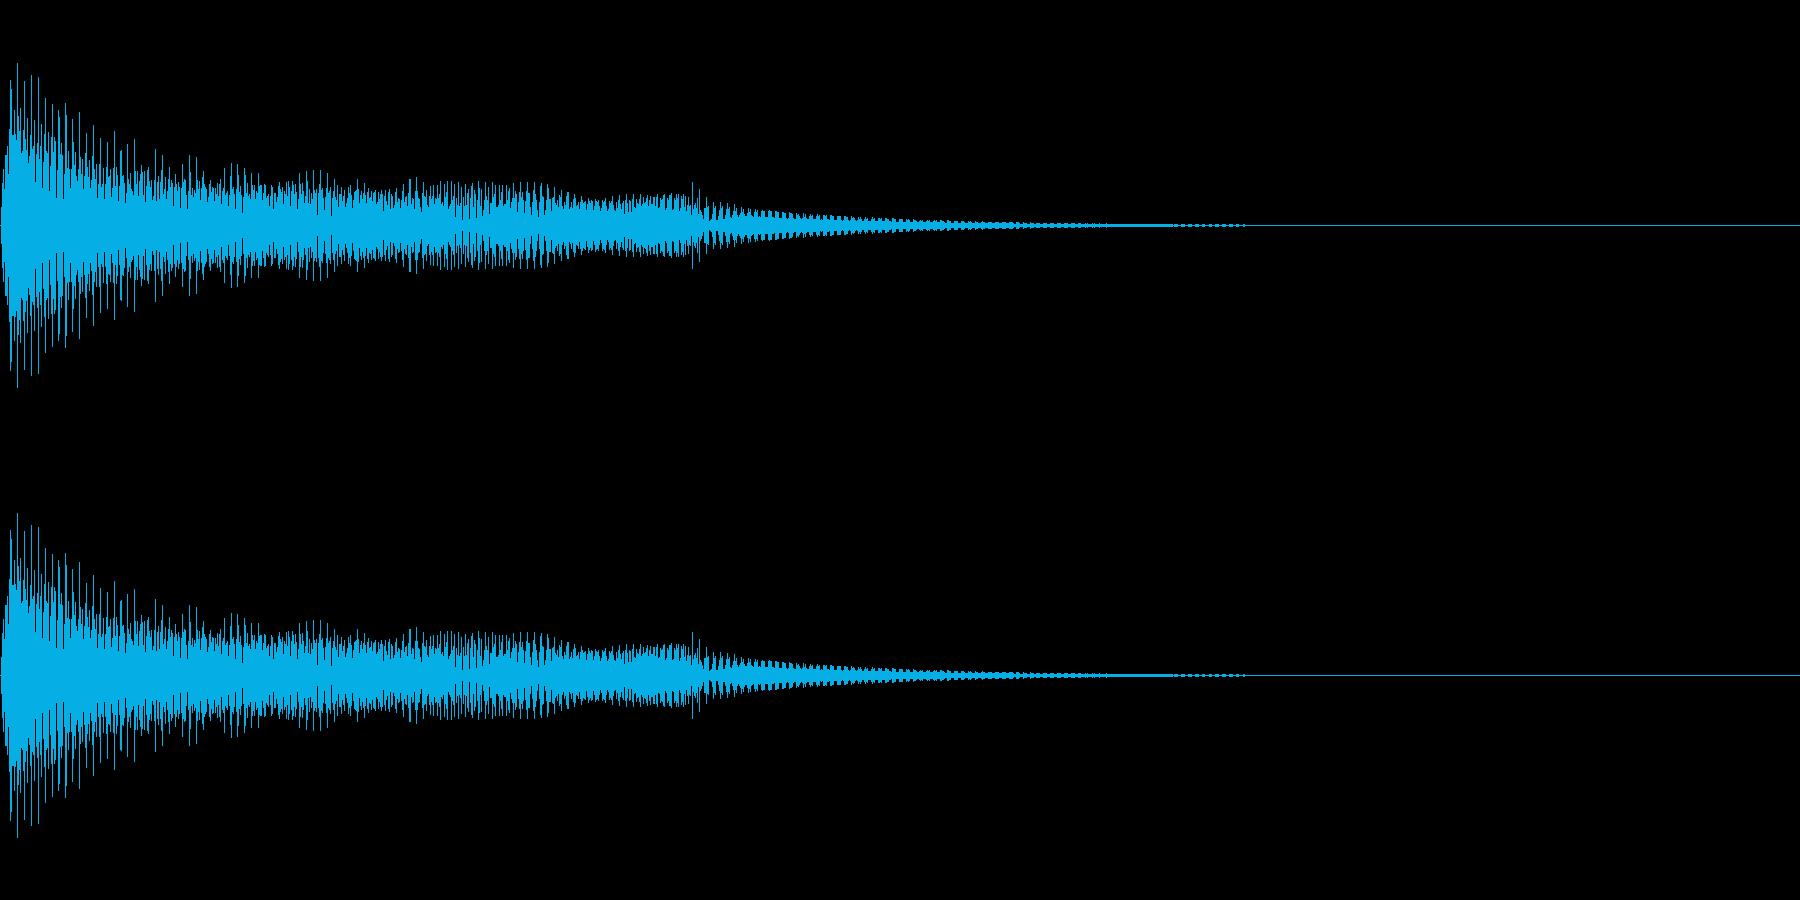 びよ〜ん、みょ〜ん、ぽよ〜ん、ボヨンの再生済みの波形